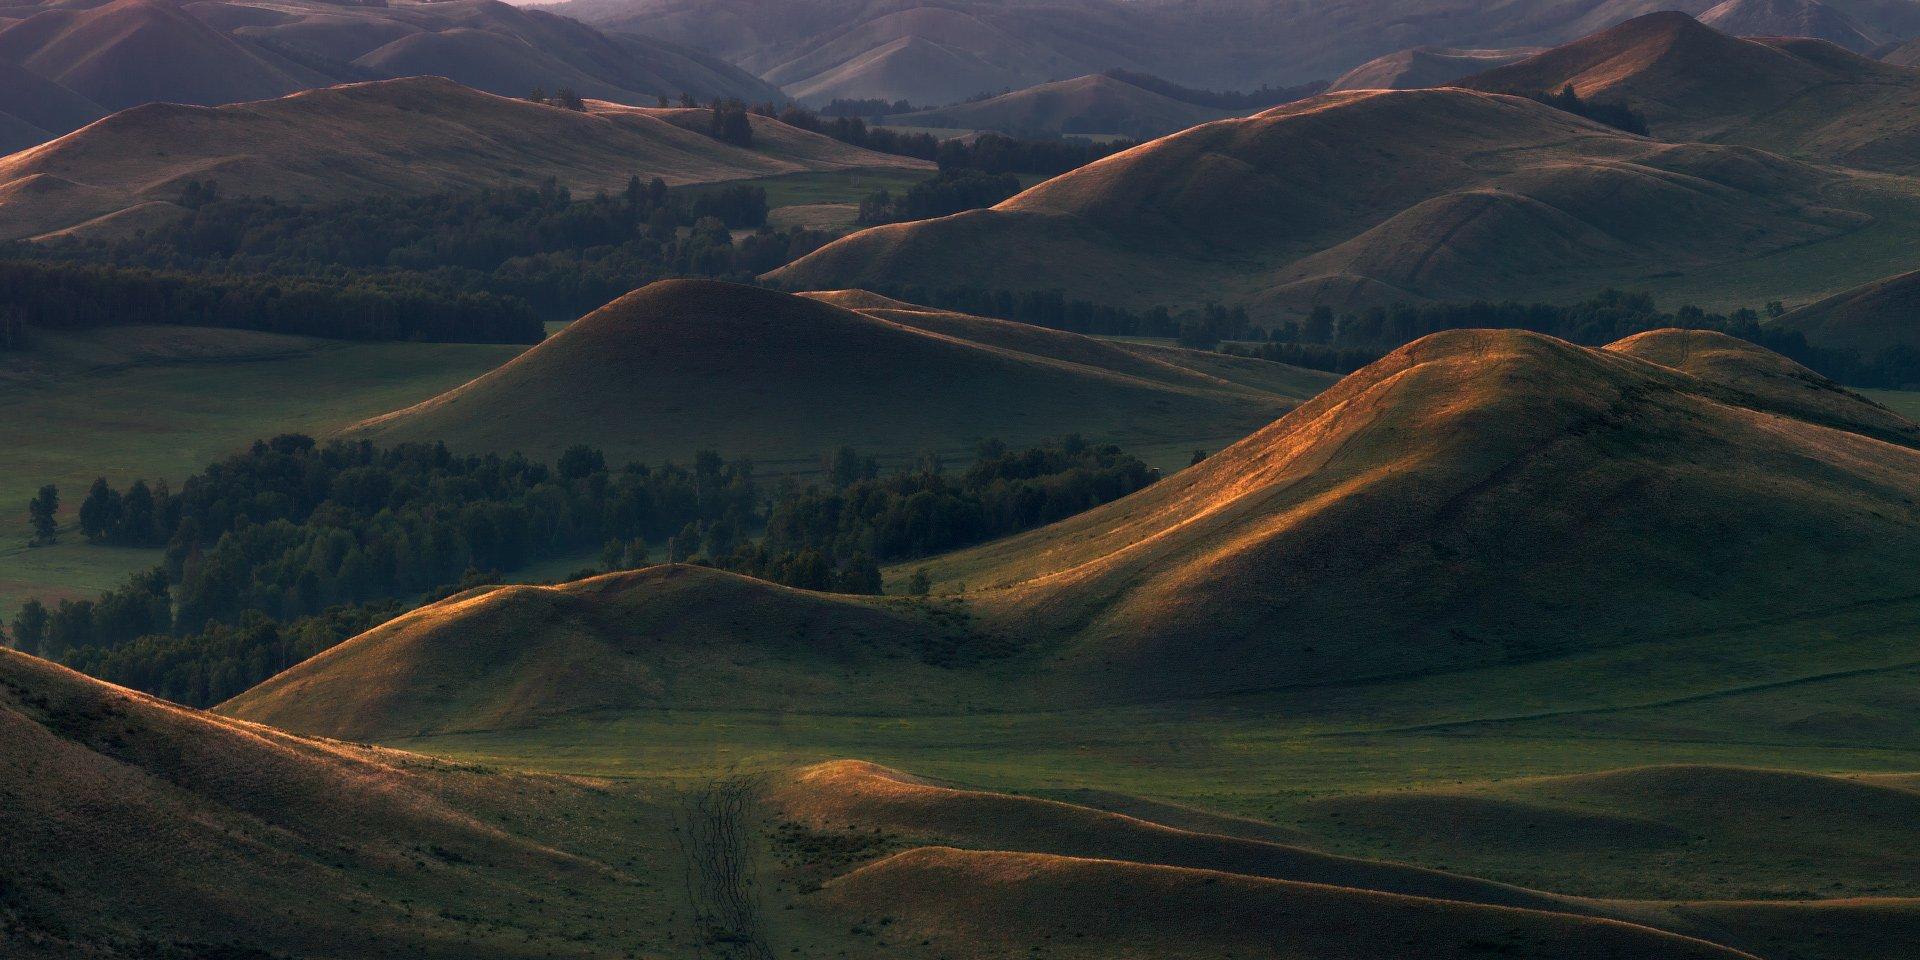 южный урал, оренбуржье, башкирия, долгие горы, степь, marateaman